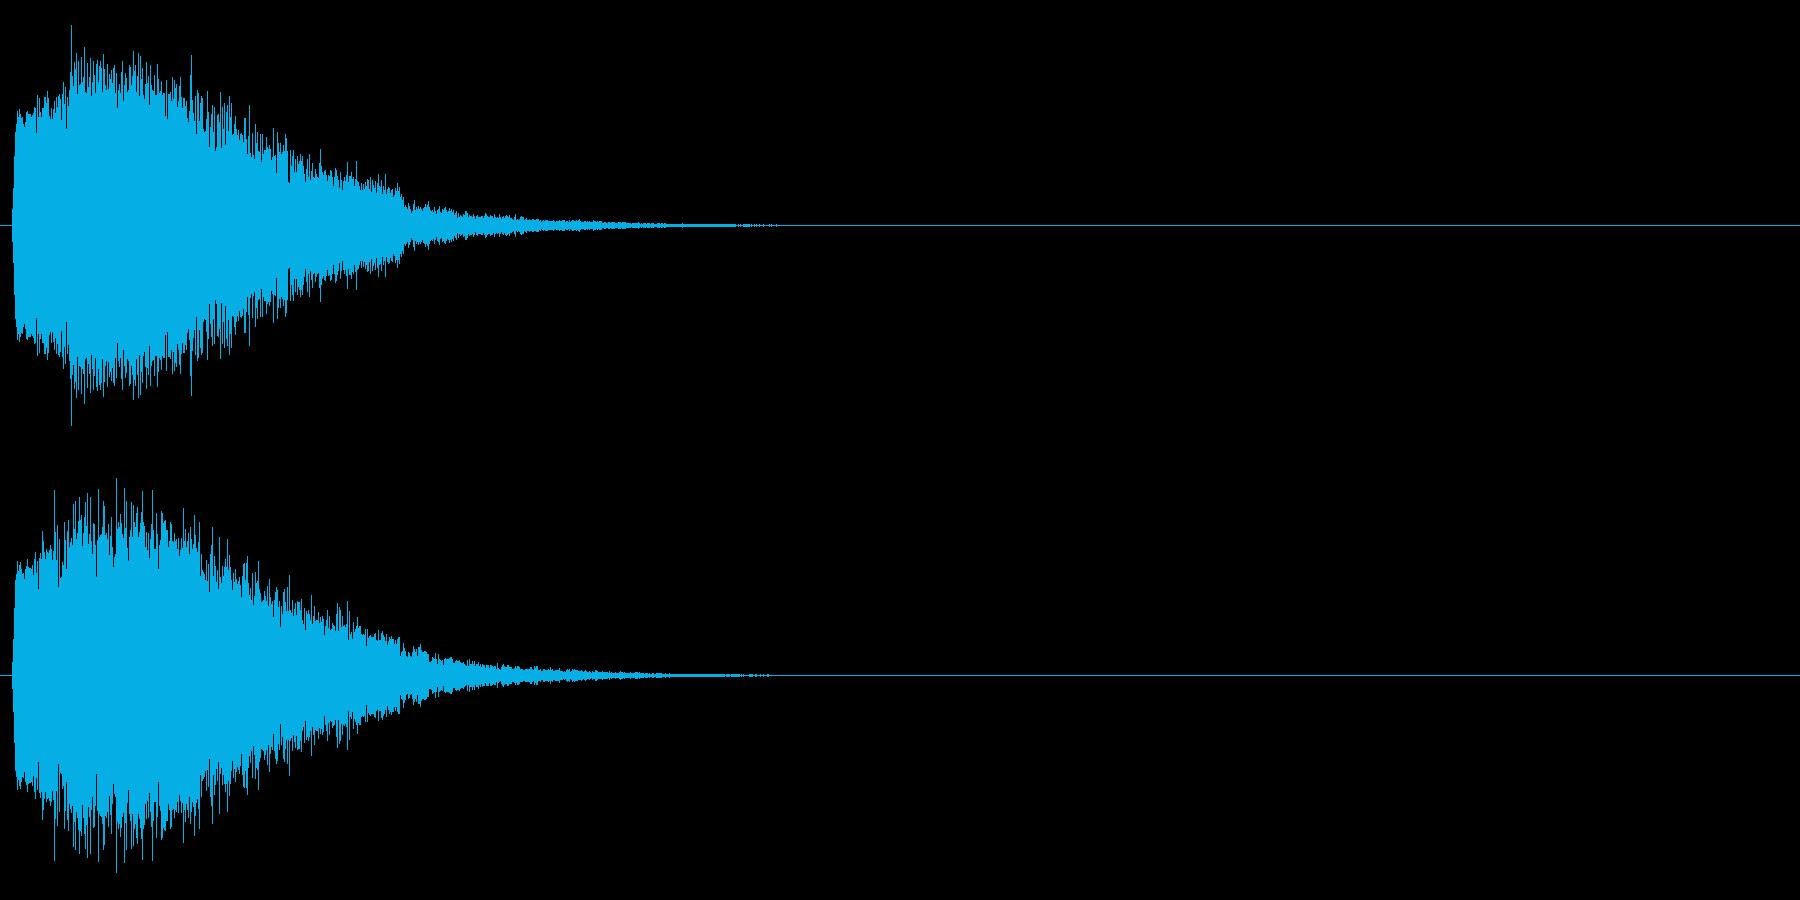 「キュイン!」輝く・レーザー発射の再生済みの波形